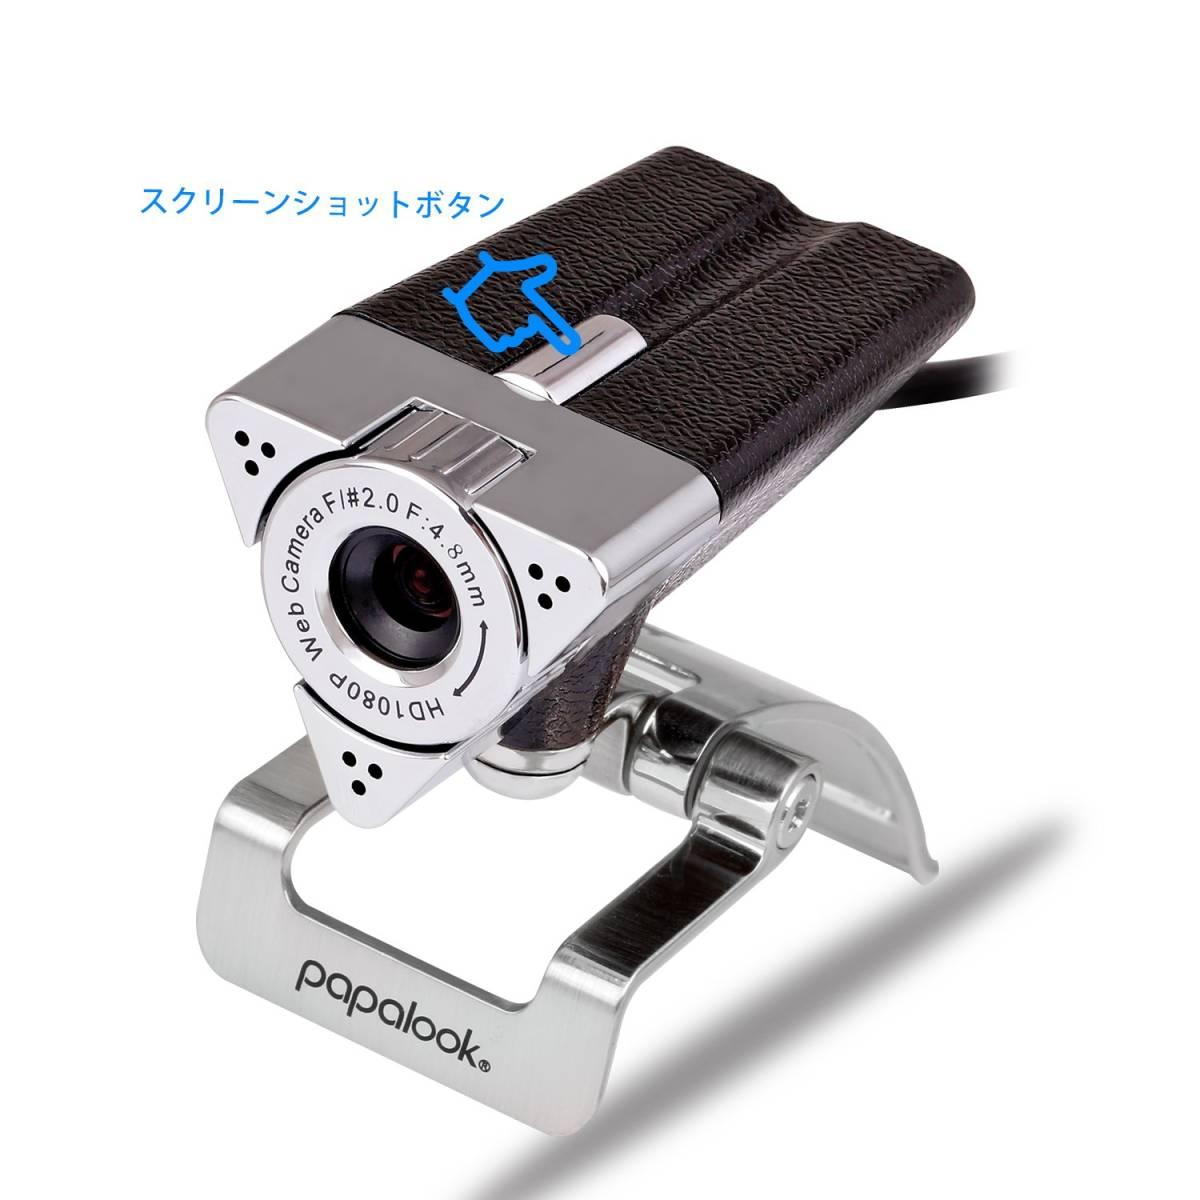 新品●PAPALOOK PA187 ウェブカメラ web カメラ Webカム HD画質 ネットワークカメラ C6480_画像7